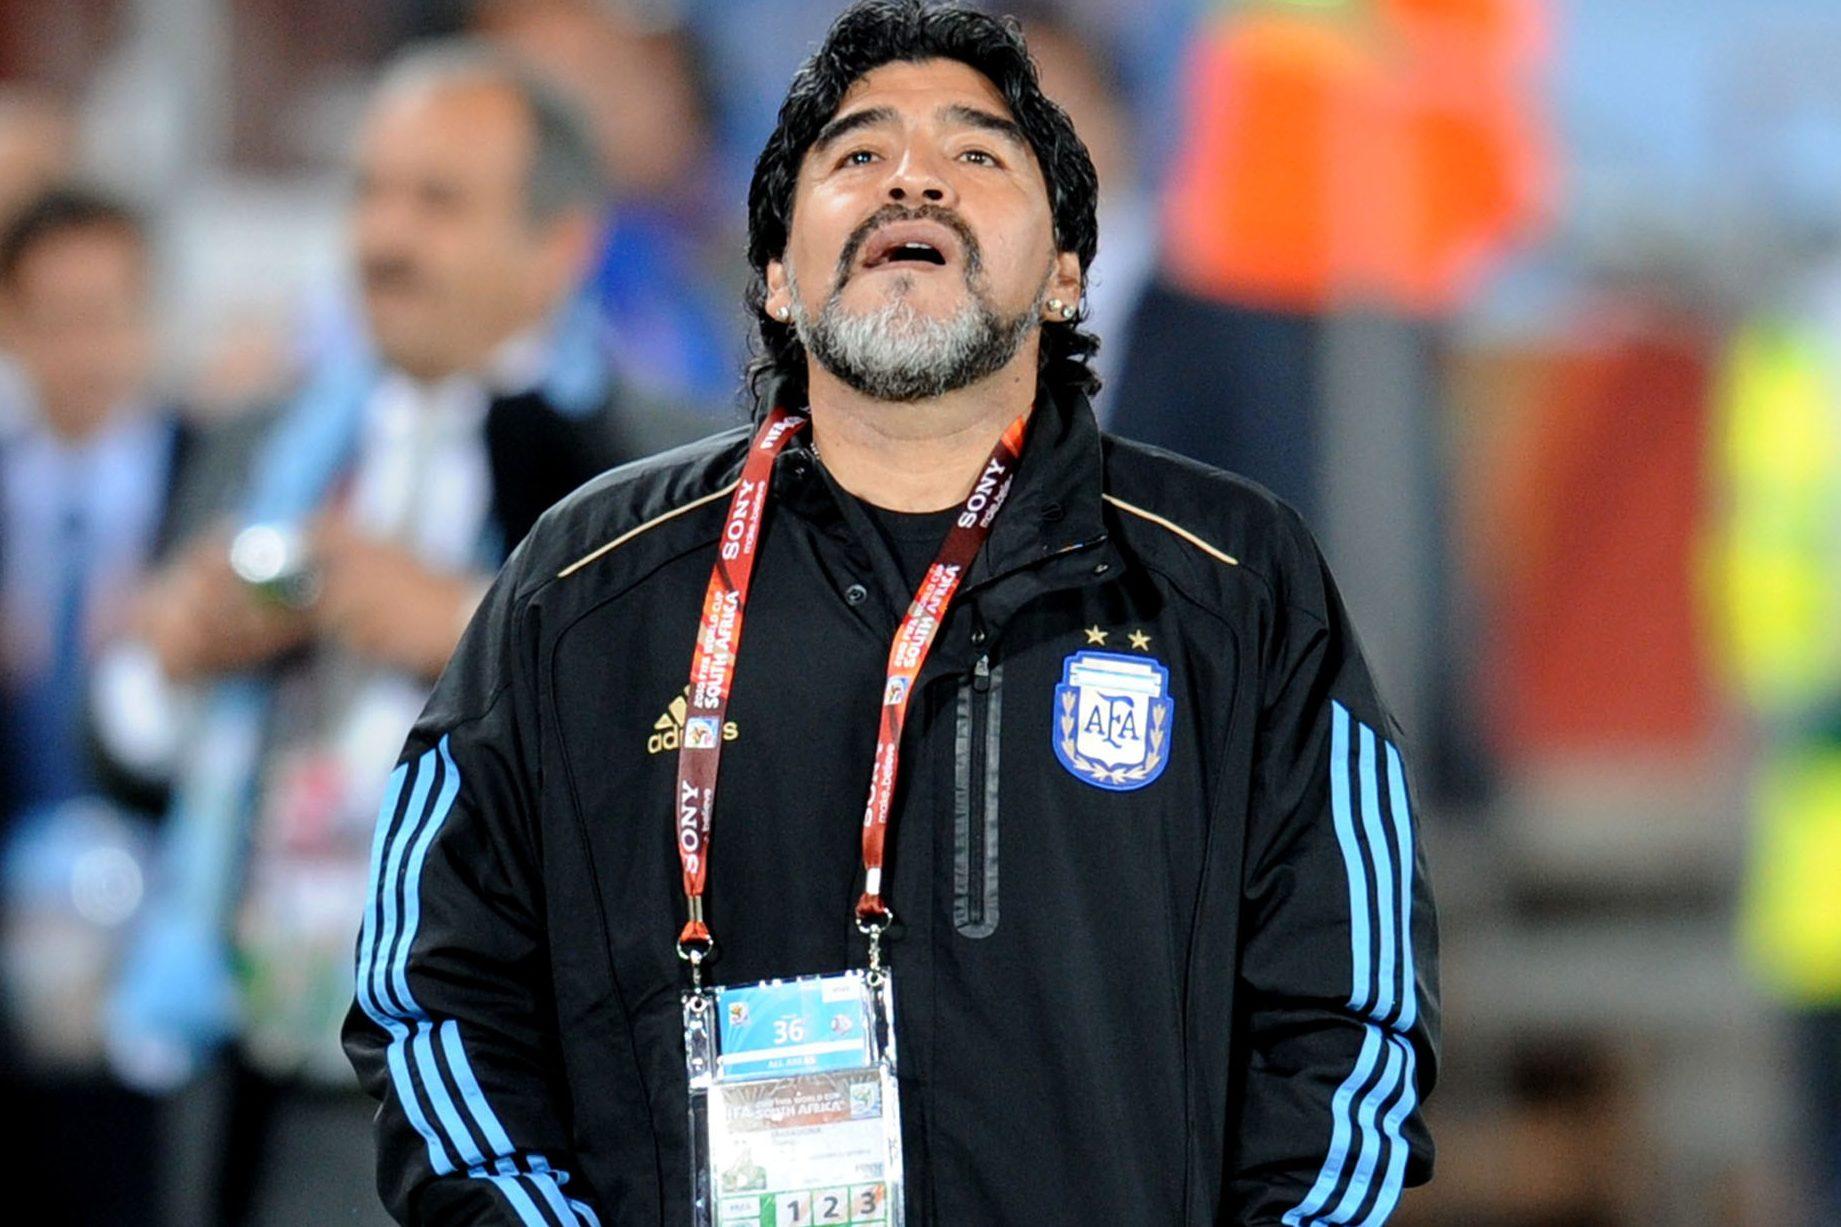 Morto Diego Armando Maradona, addio al più grande del calcio mondiale